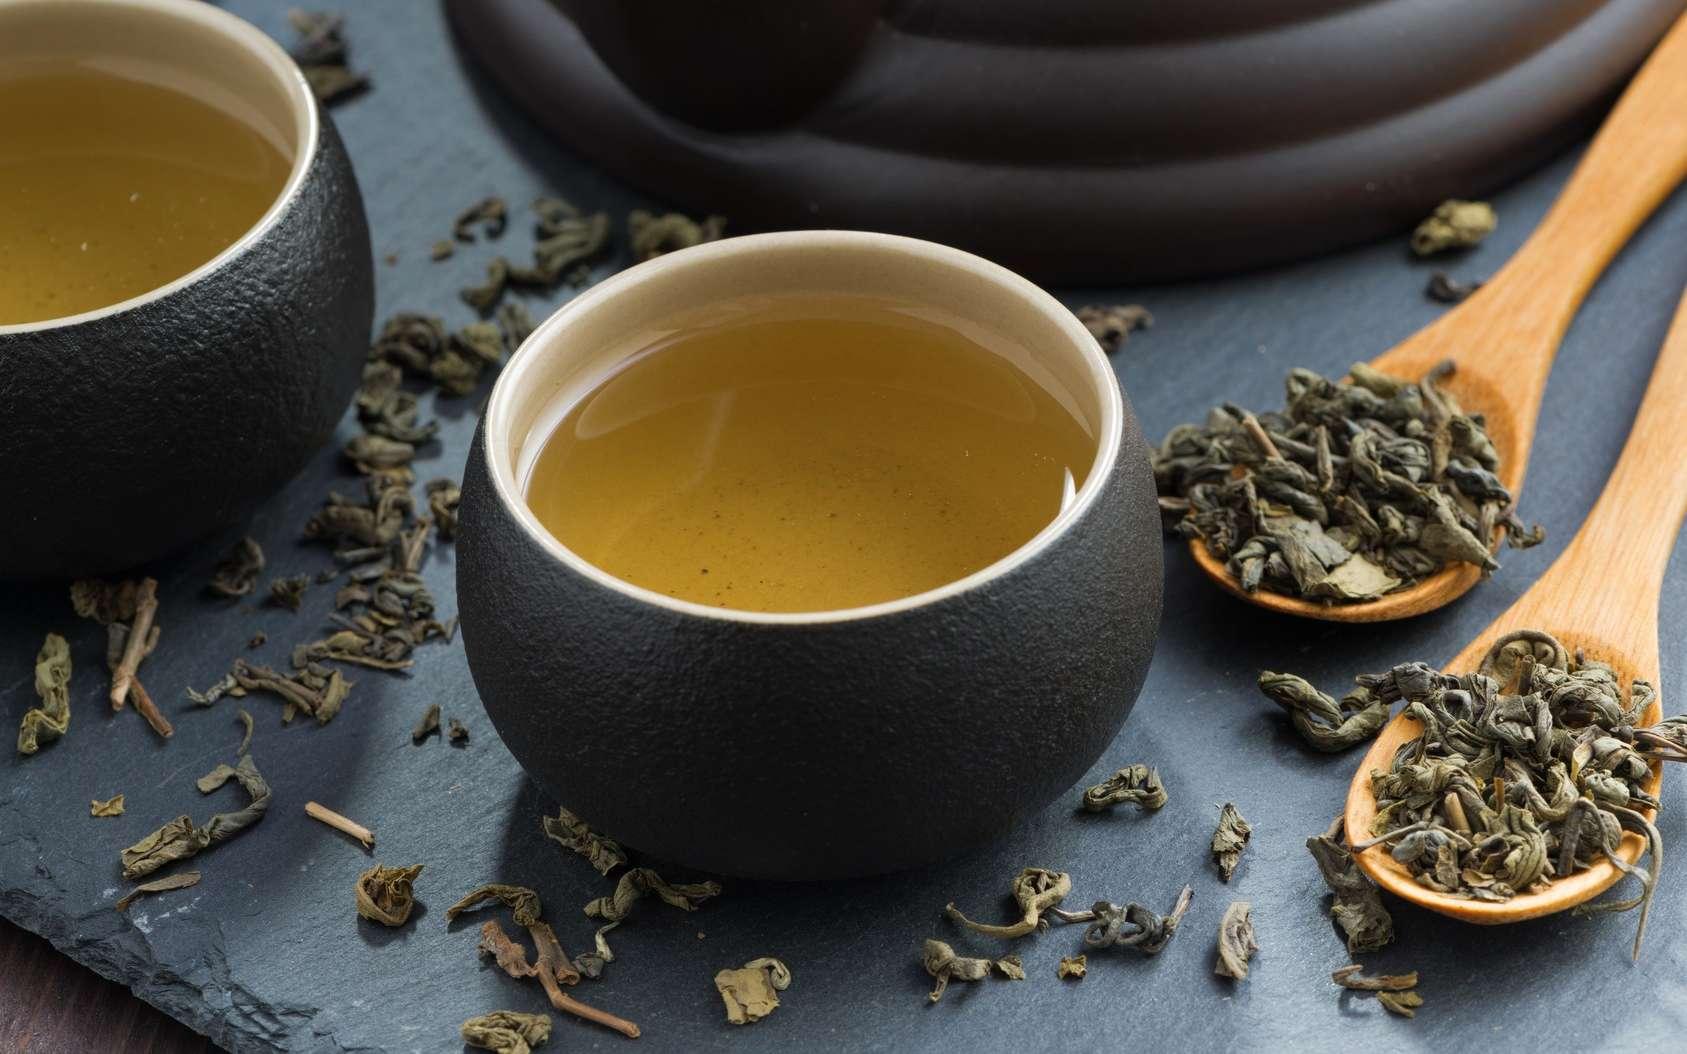 Le thé vert contient des catéchines. © cook_inspire, Fotolia